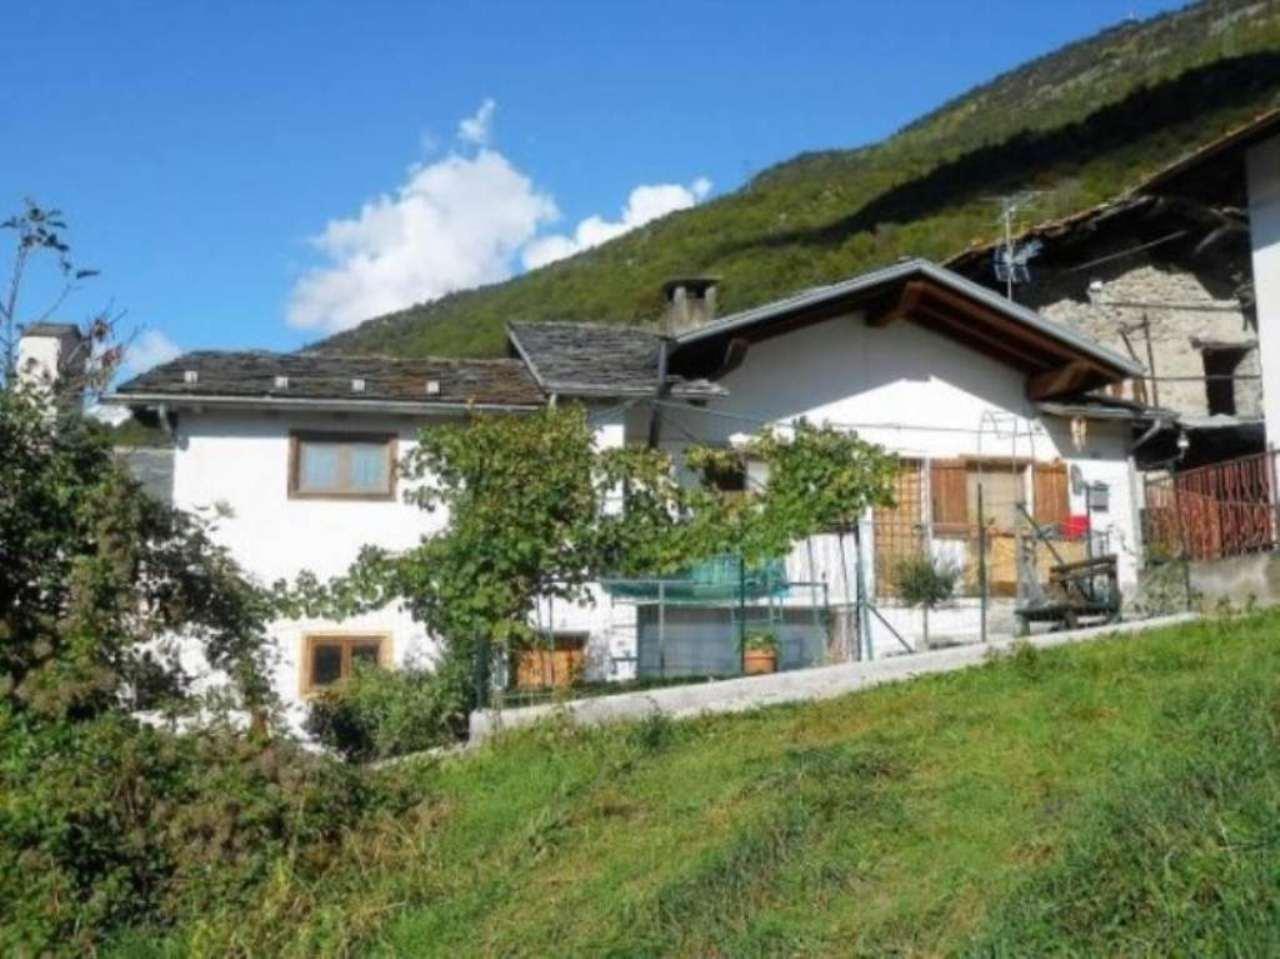 Soluzione Indipendente in vendita a Roisan, 5 locali, prezzo € 269.000 | Cambio Casa.it